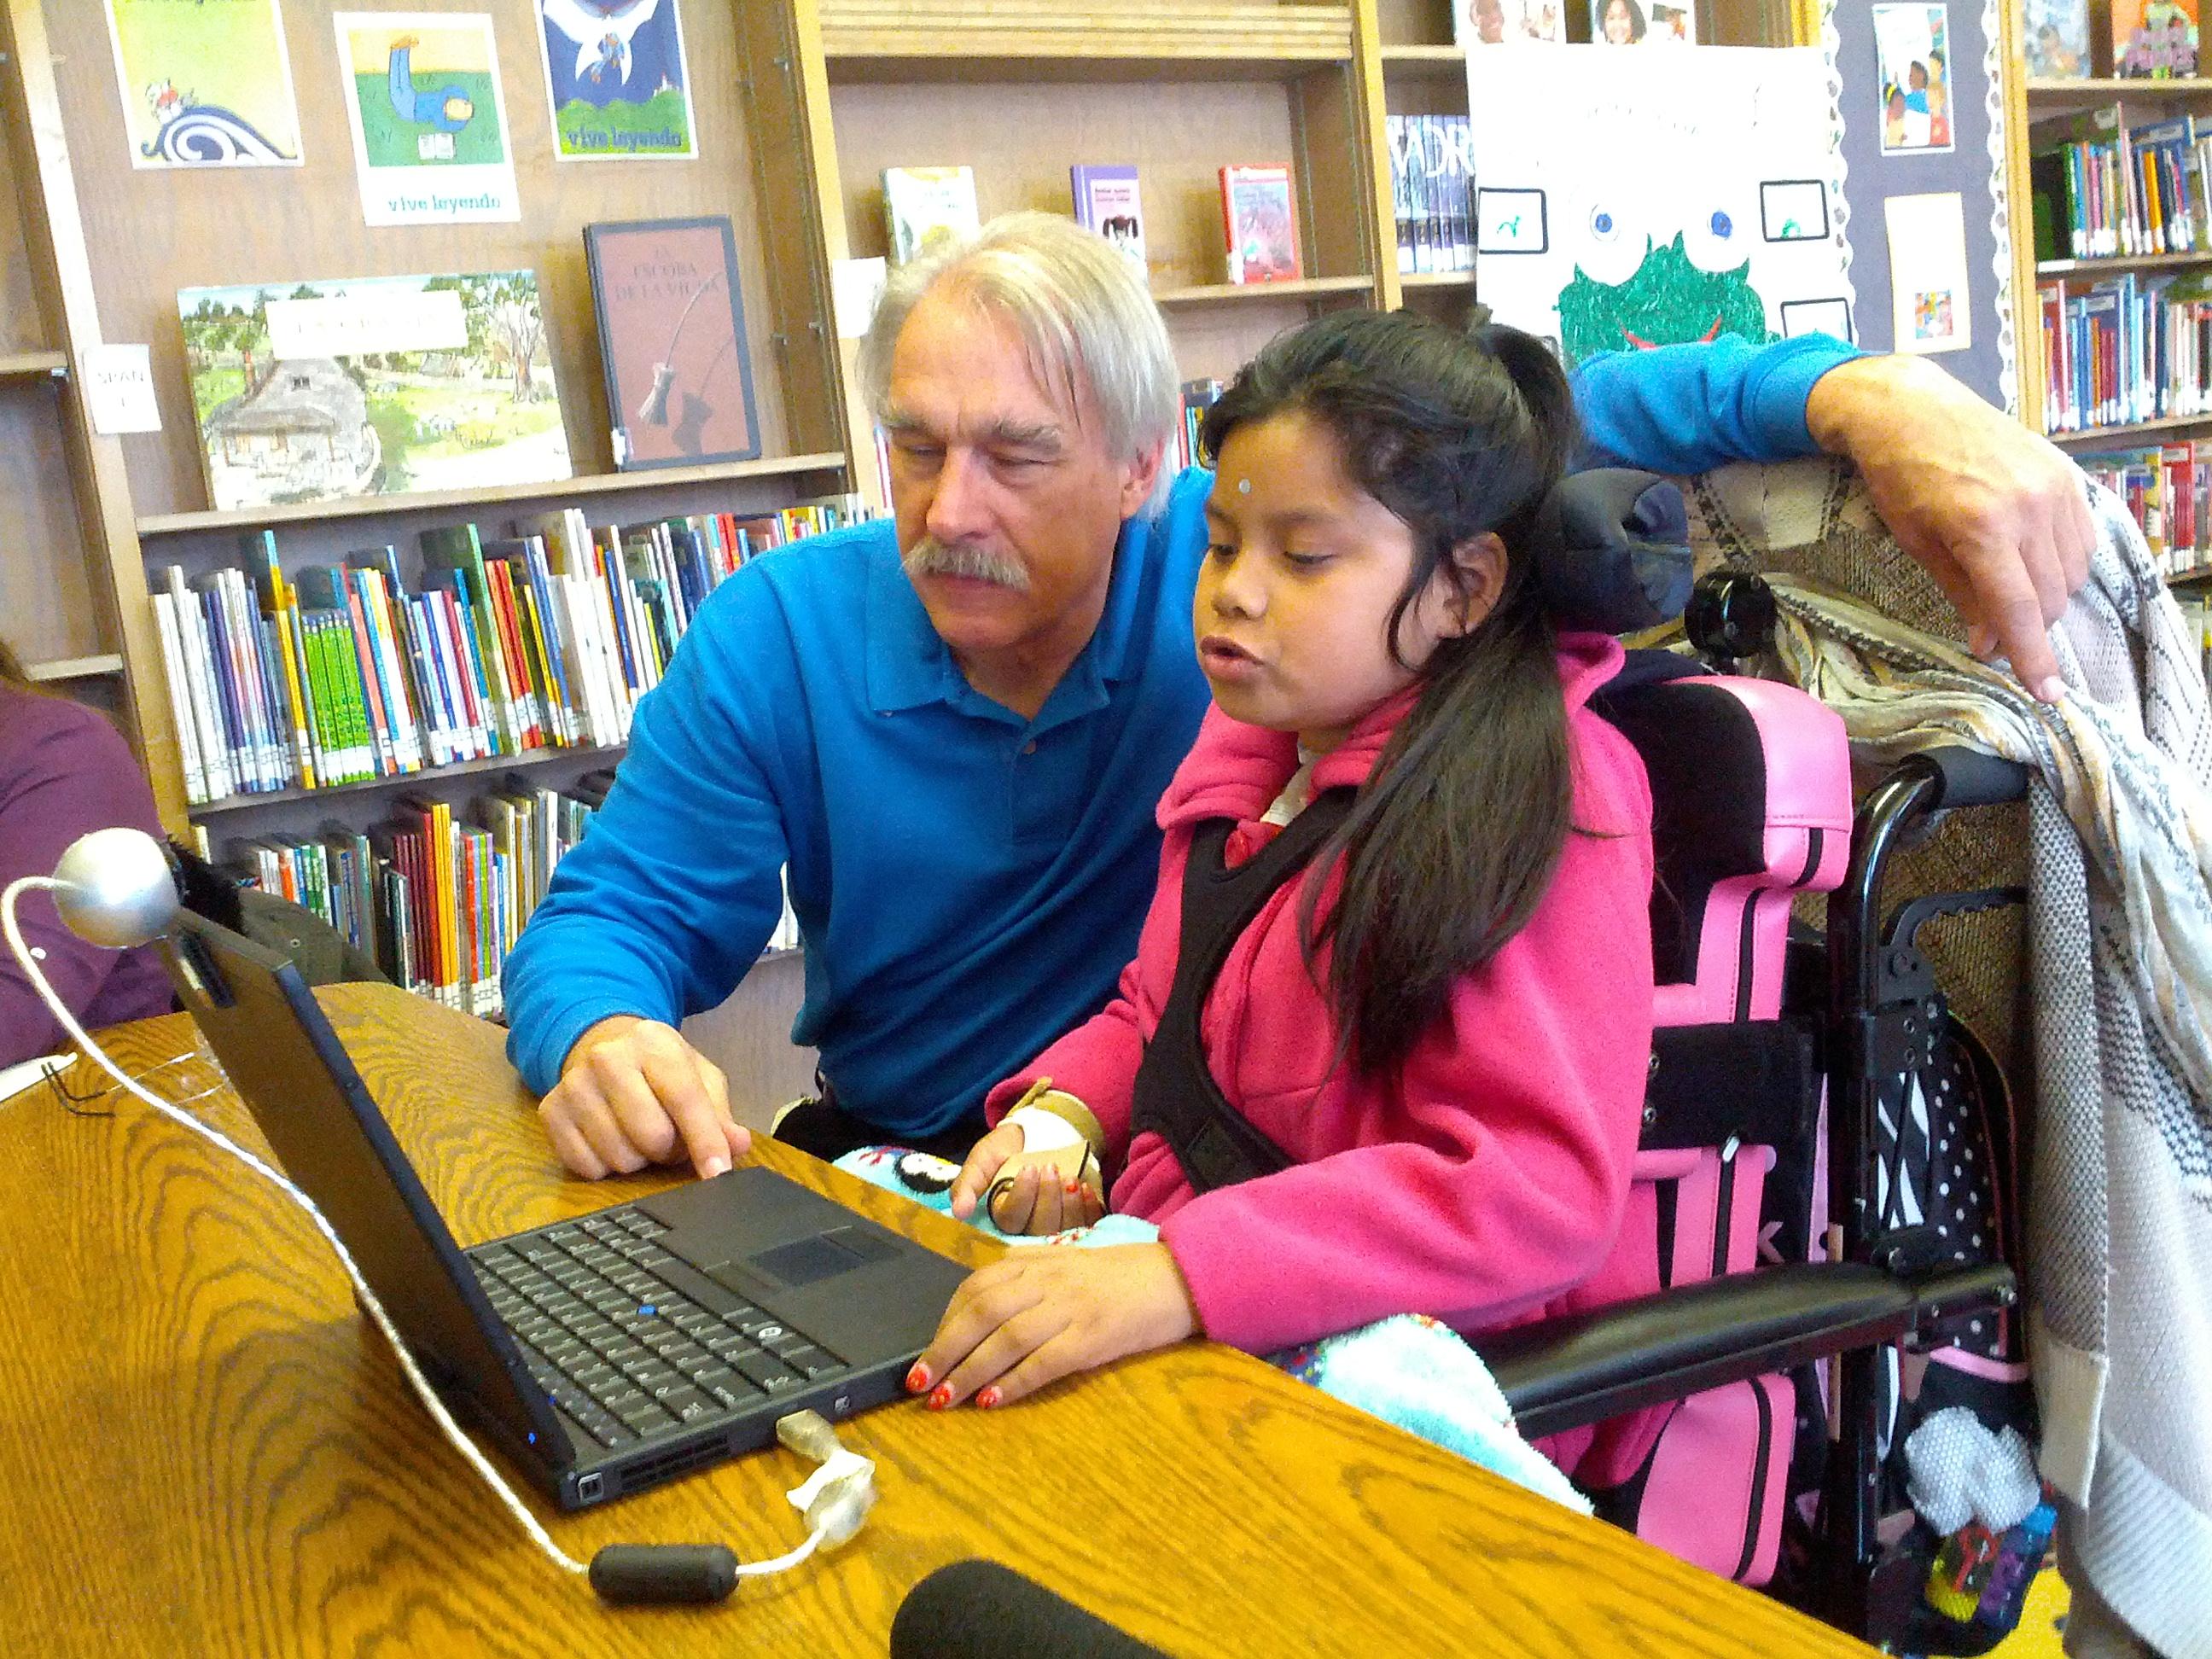 Un especialista en tecnología del distrito de Oakland, Chris Beatty, le ayuda a Jacqueline a usar una computadora para leer. Foto: Zaidee Stavely.